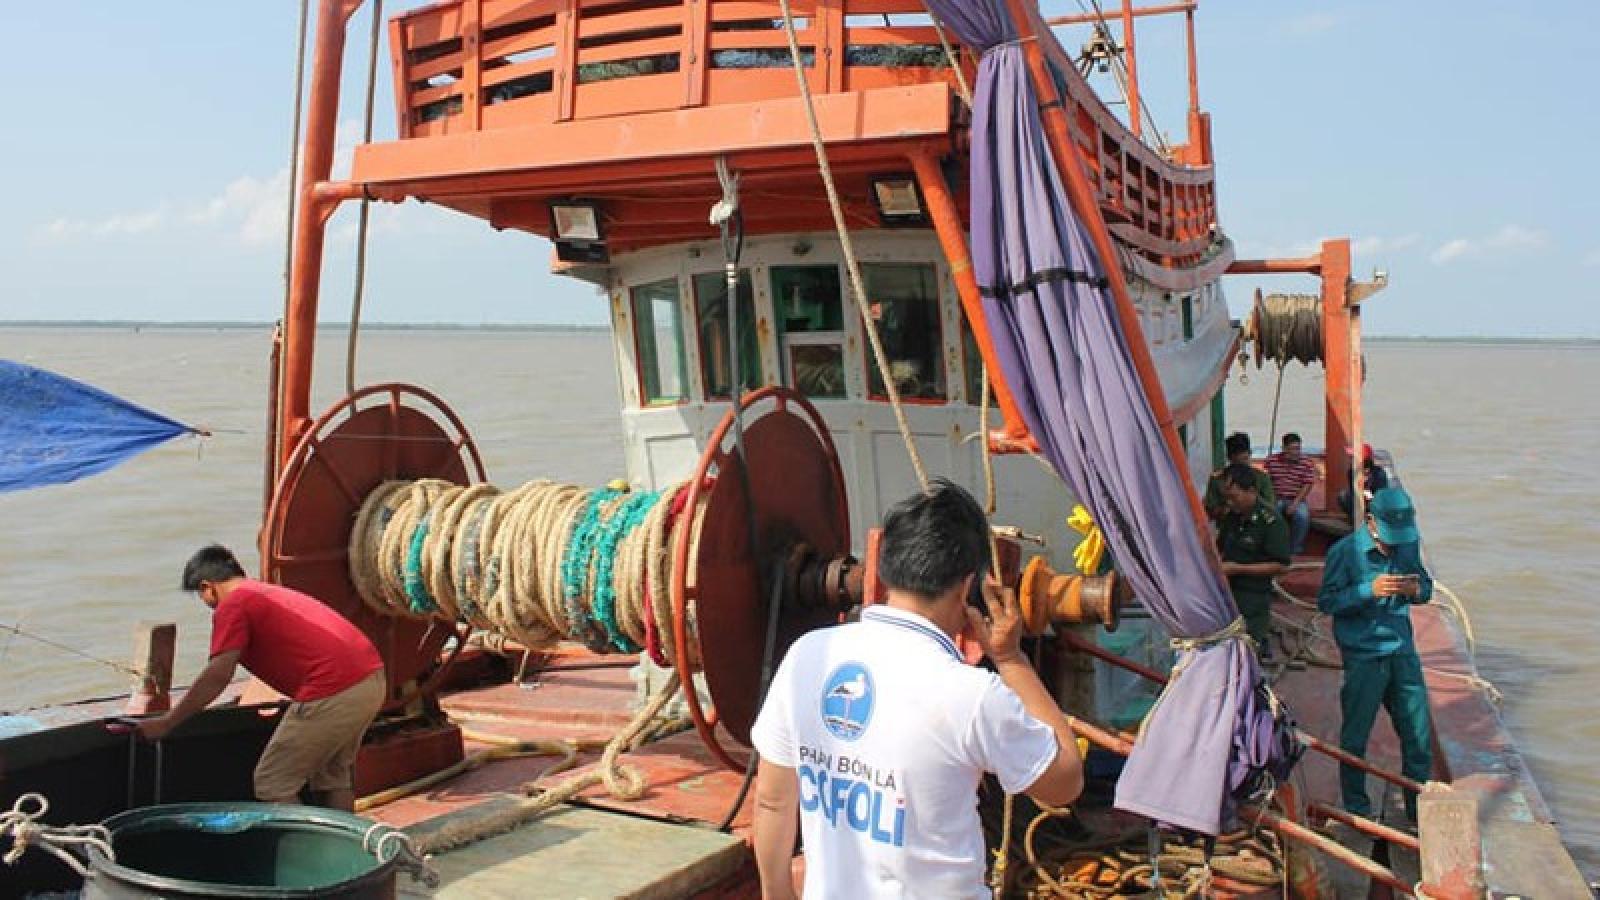 Tiền Giang: Chủ tàu cá bị thuyền viên đánh tử vong trên biển